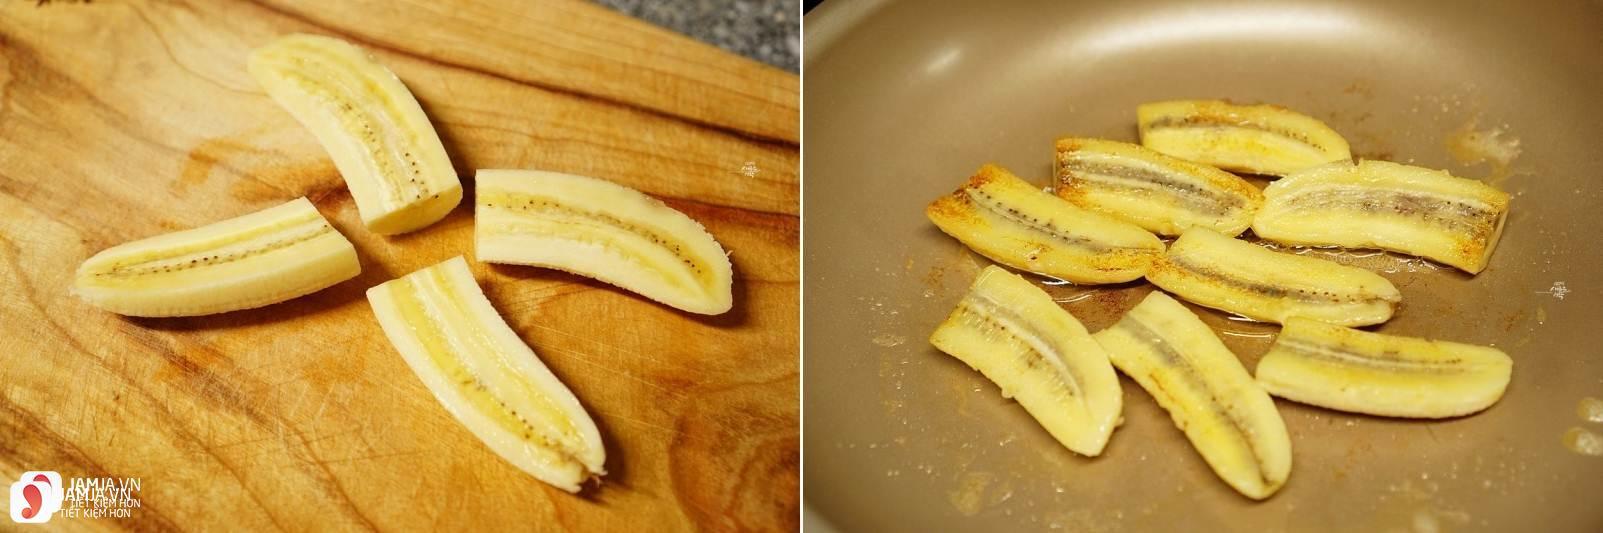 Cách làm món bánh hoa quả chiên với bột mì 2